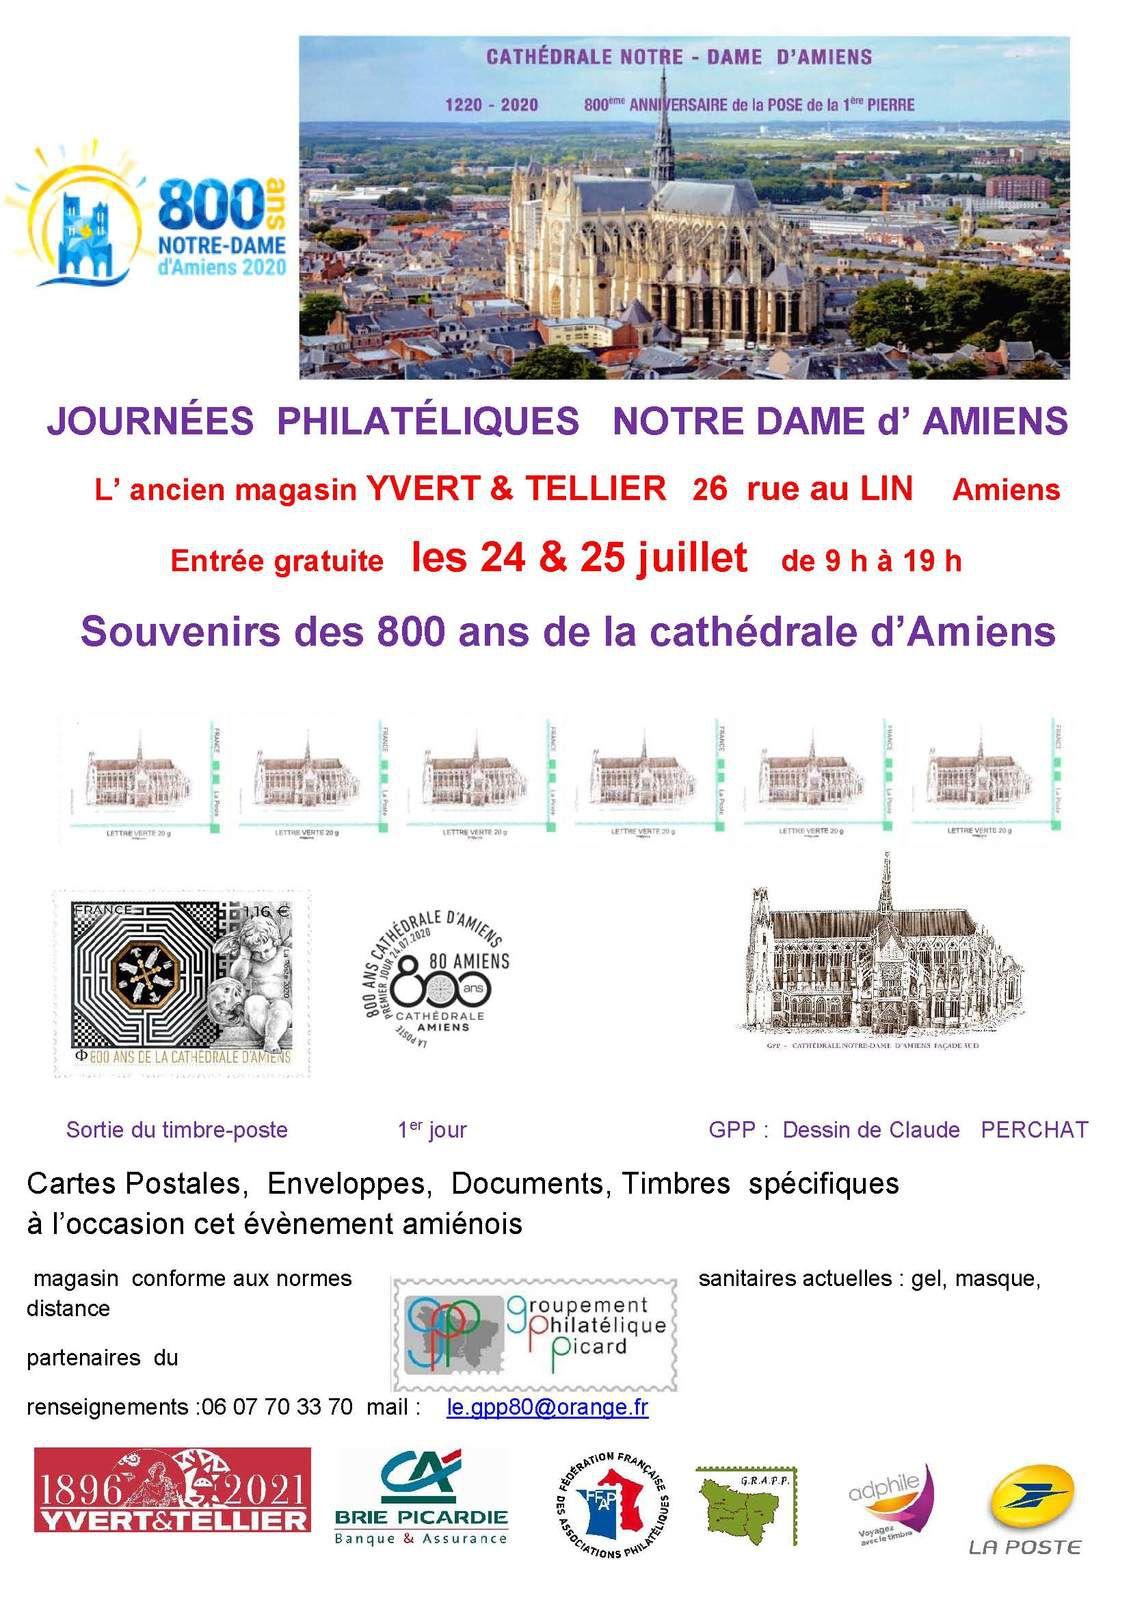 Les 800 ans de la cathédrale d'Amiens